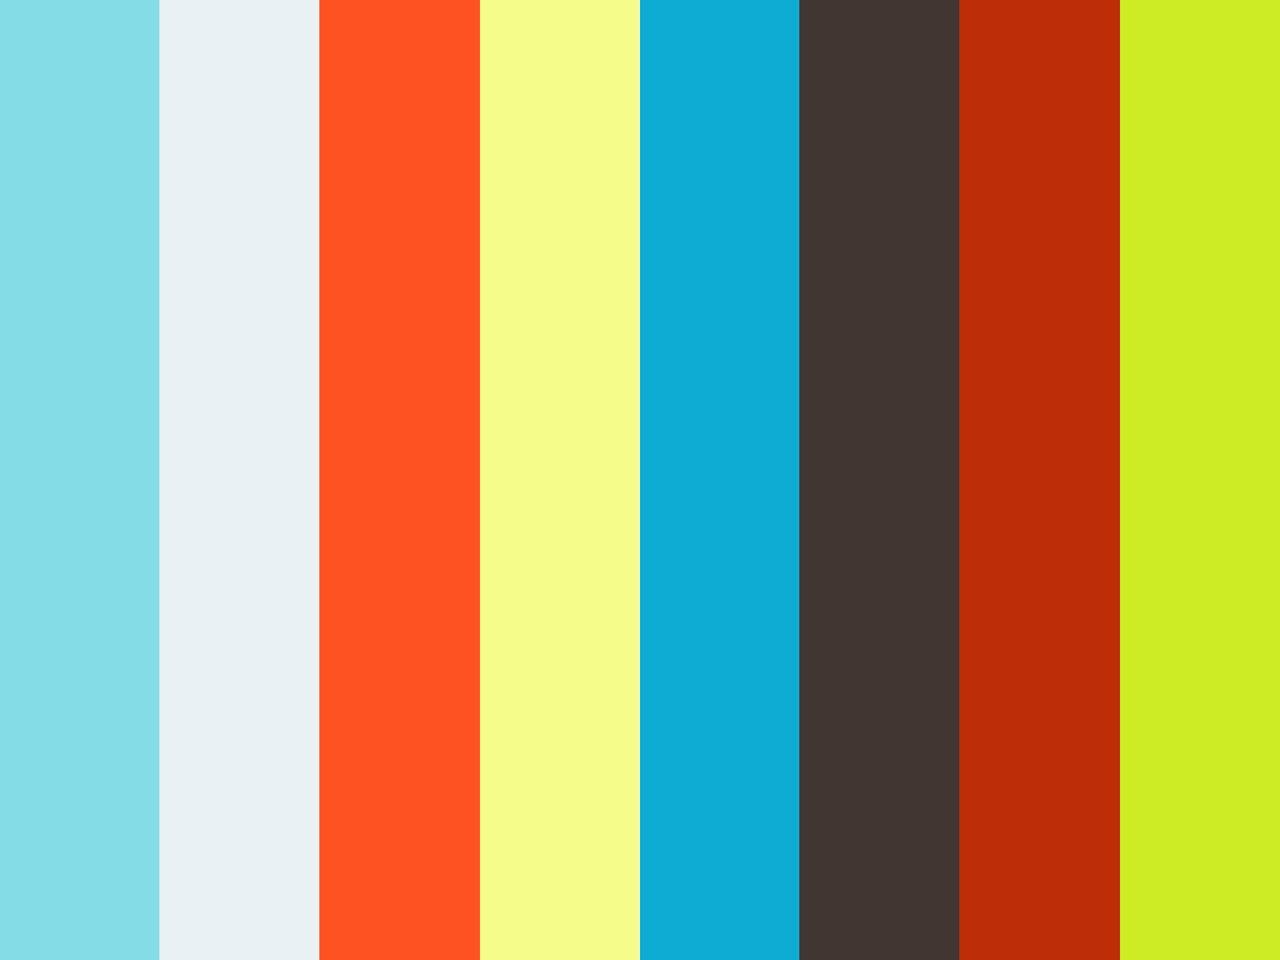 カラー、アニメーション